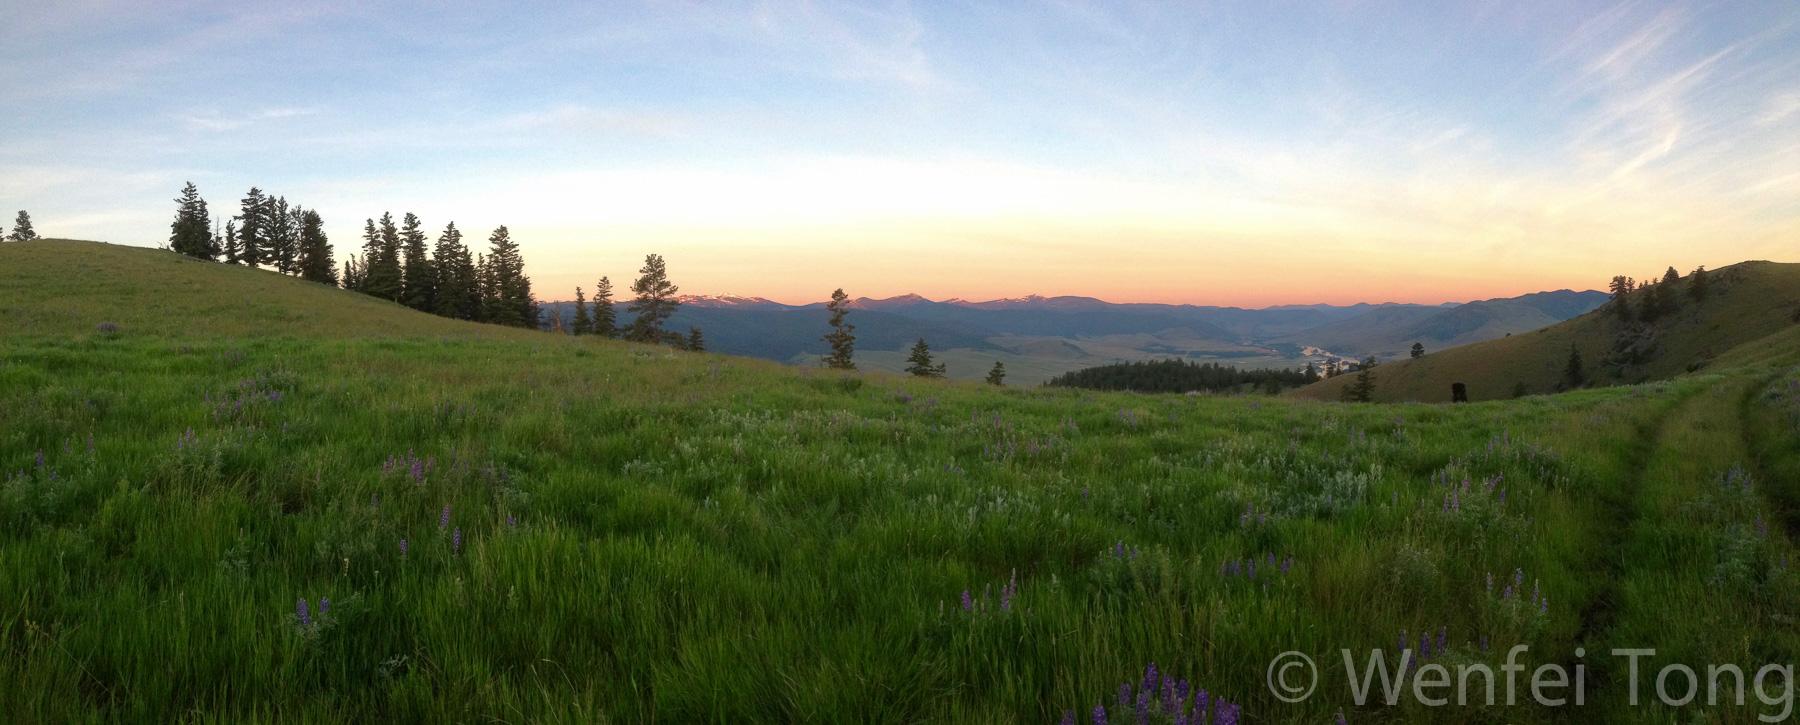 Sunrise on the Bison Range